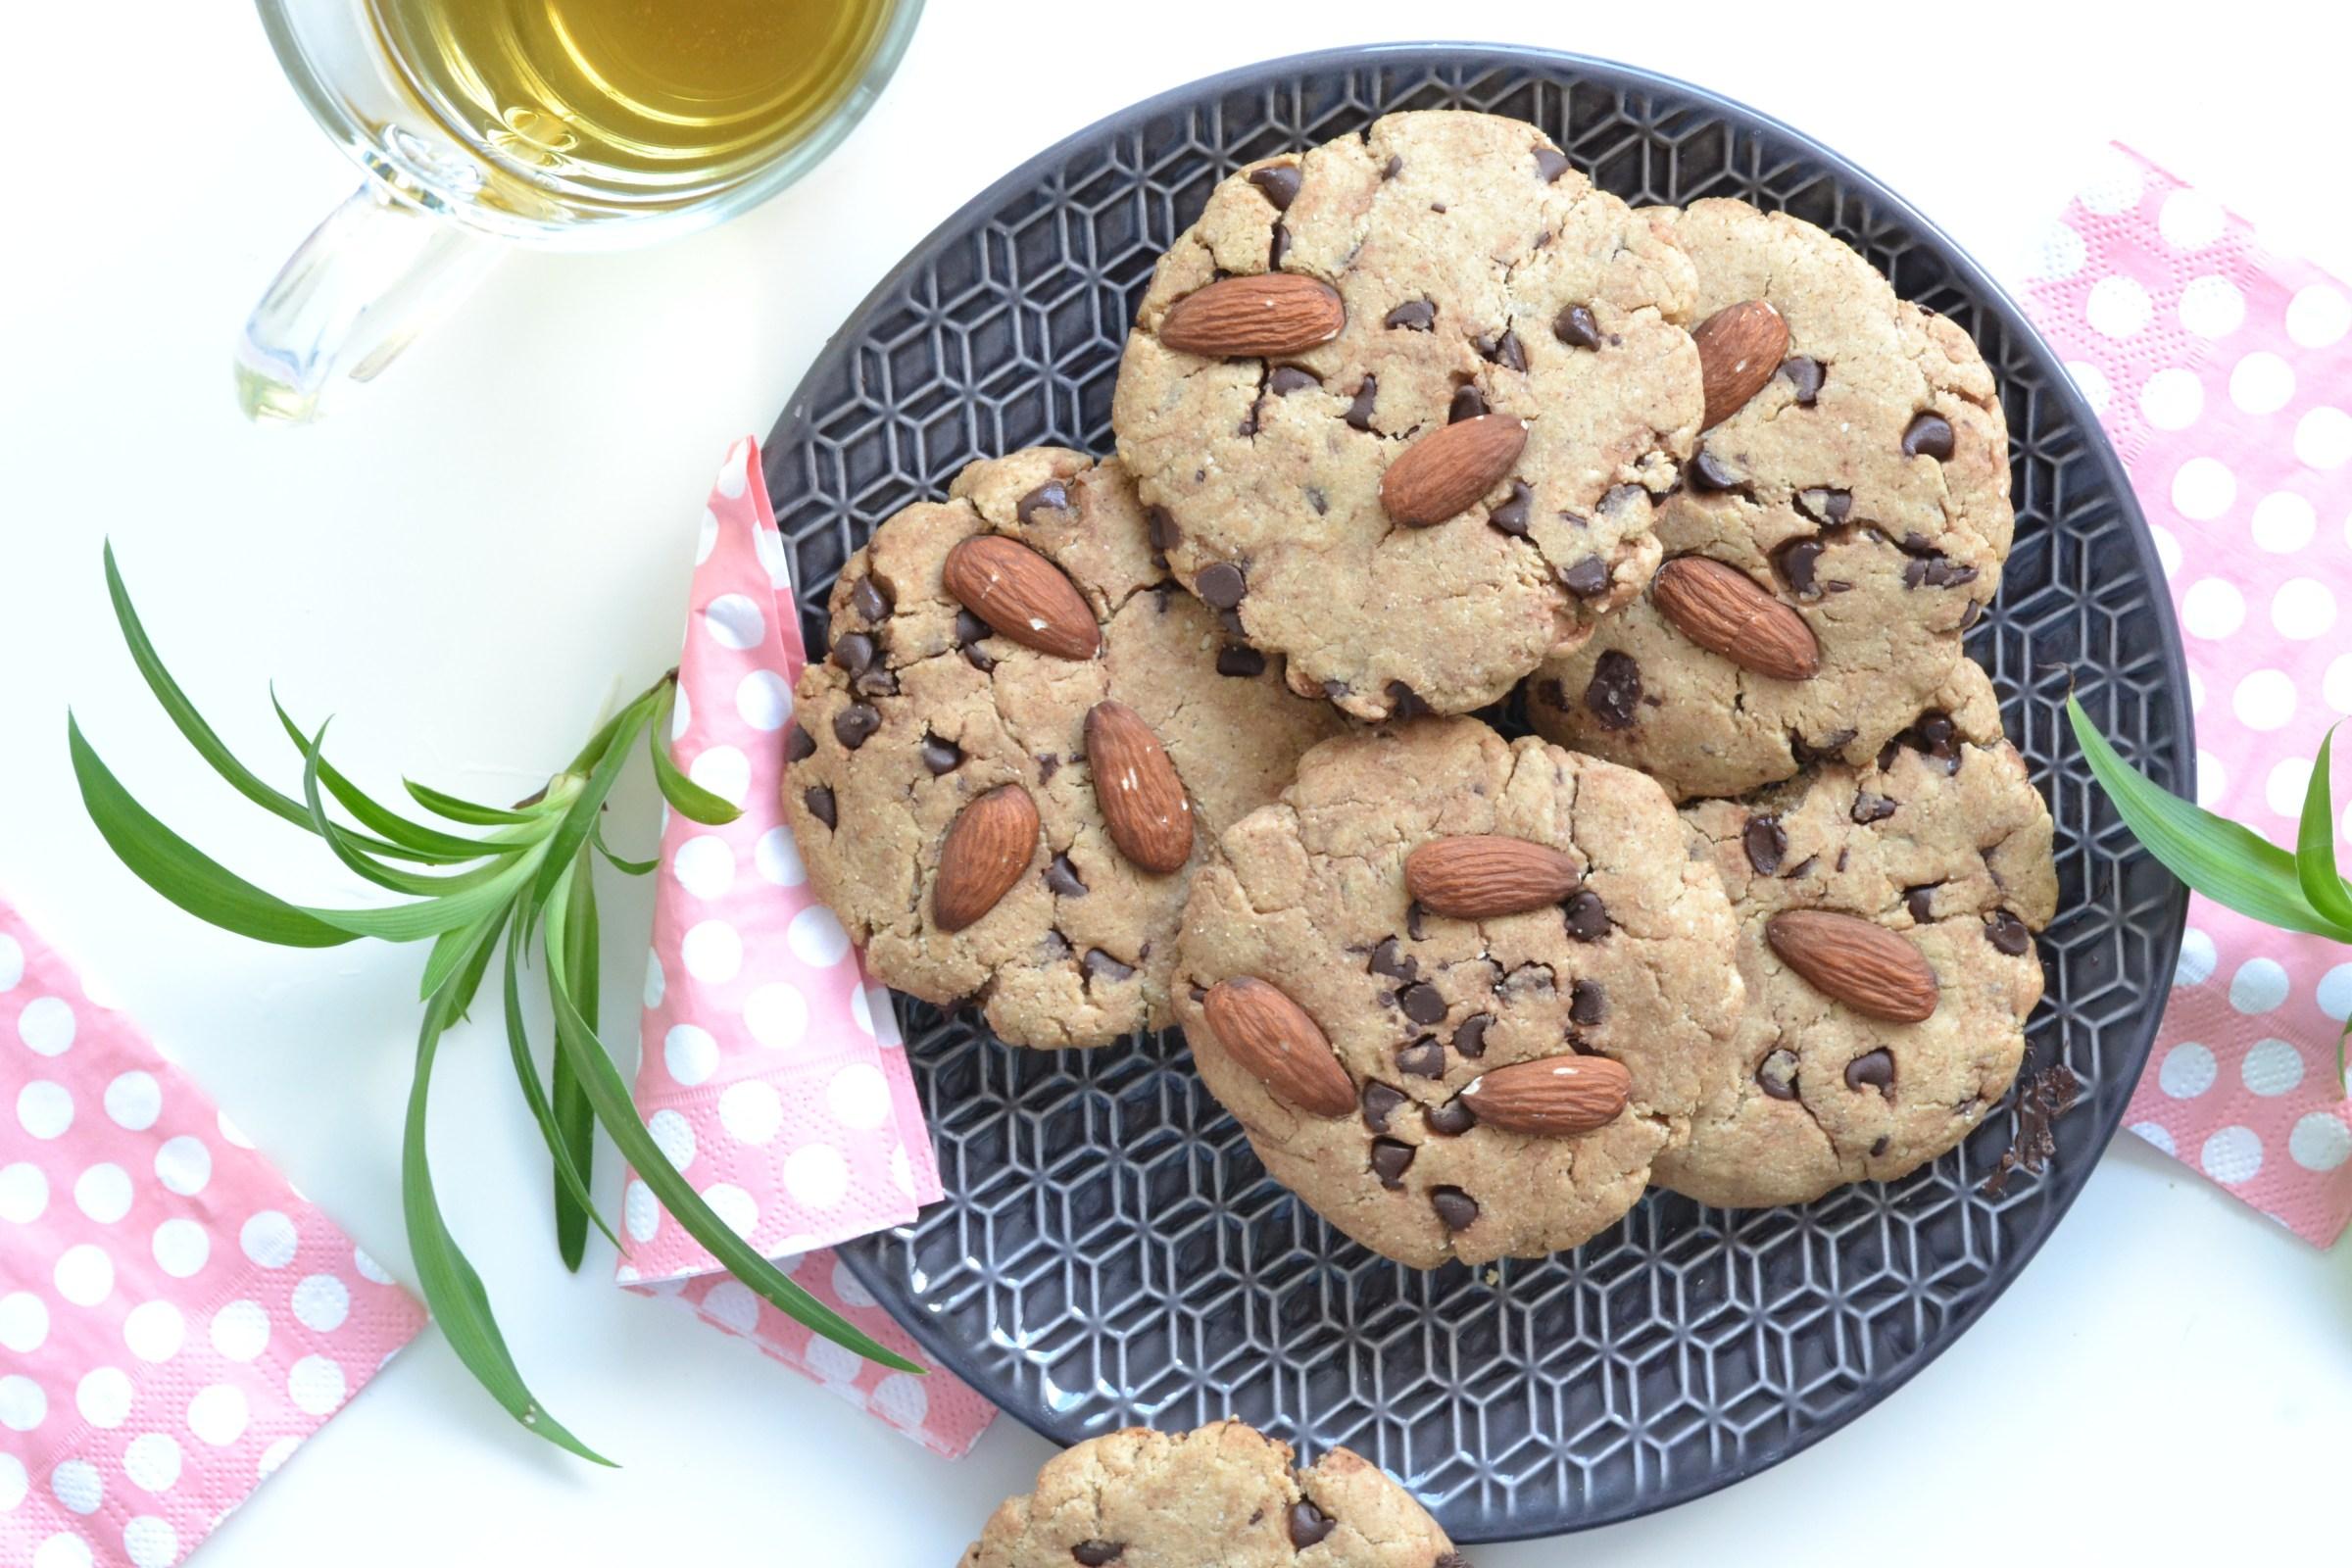 Recette healthy de cookies à la purée d'amande